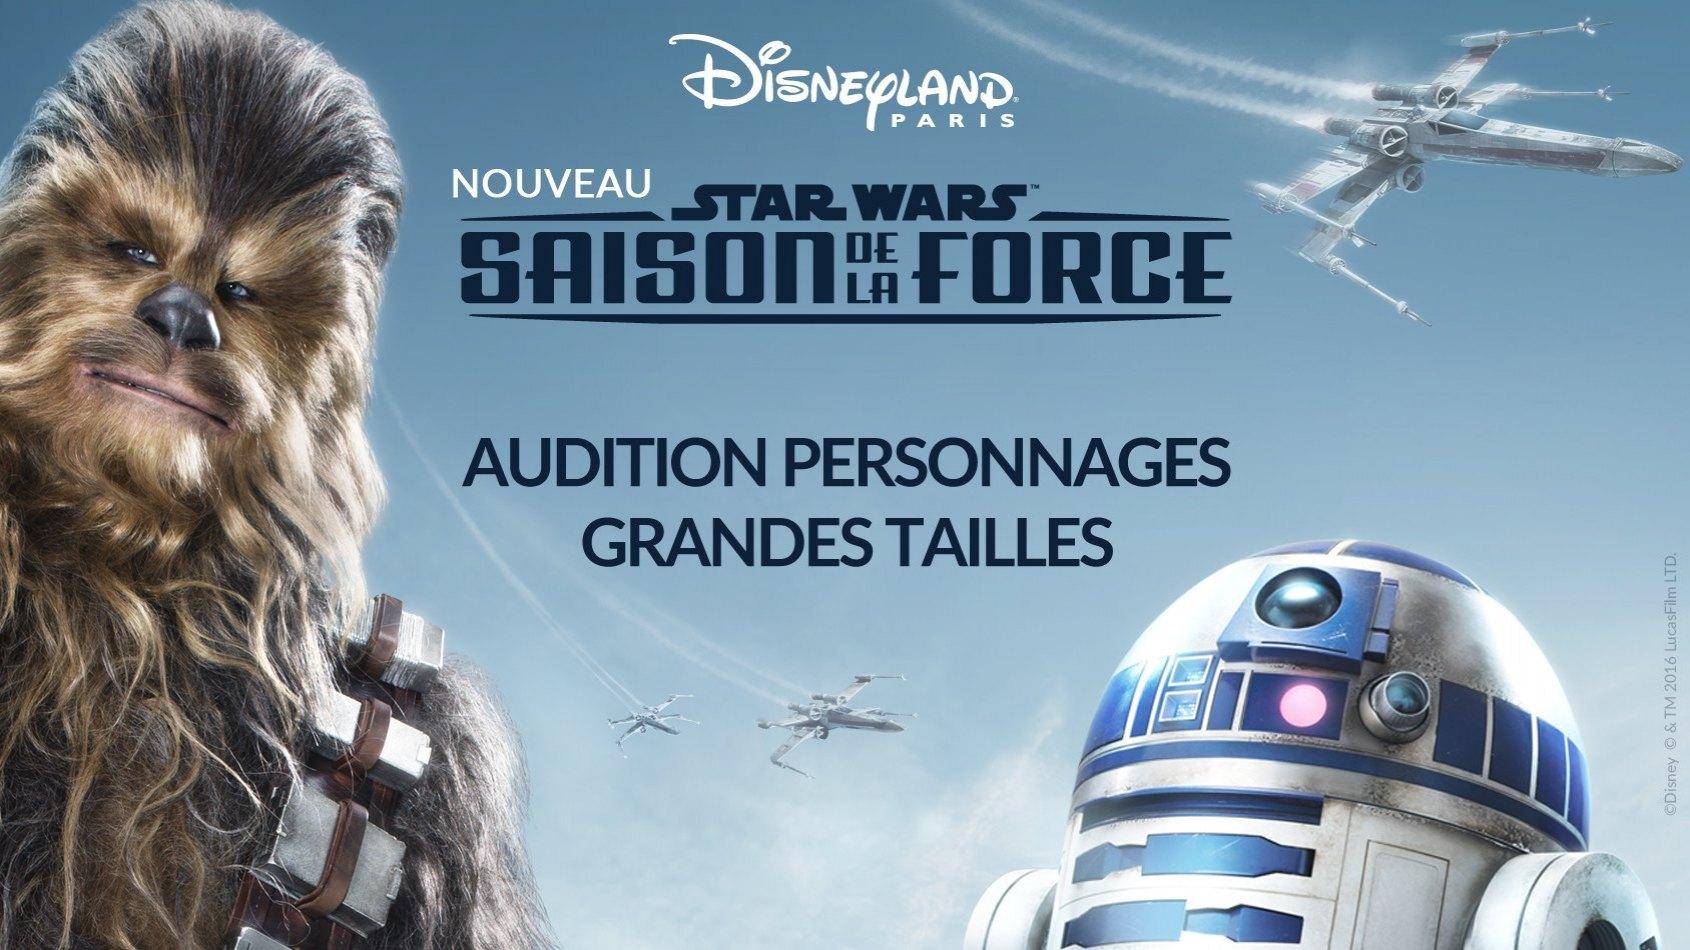 Audition pour interpréter des personnages Star Wars à Disneyland Paris